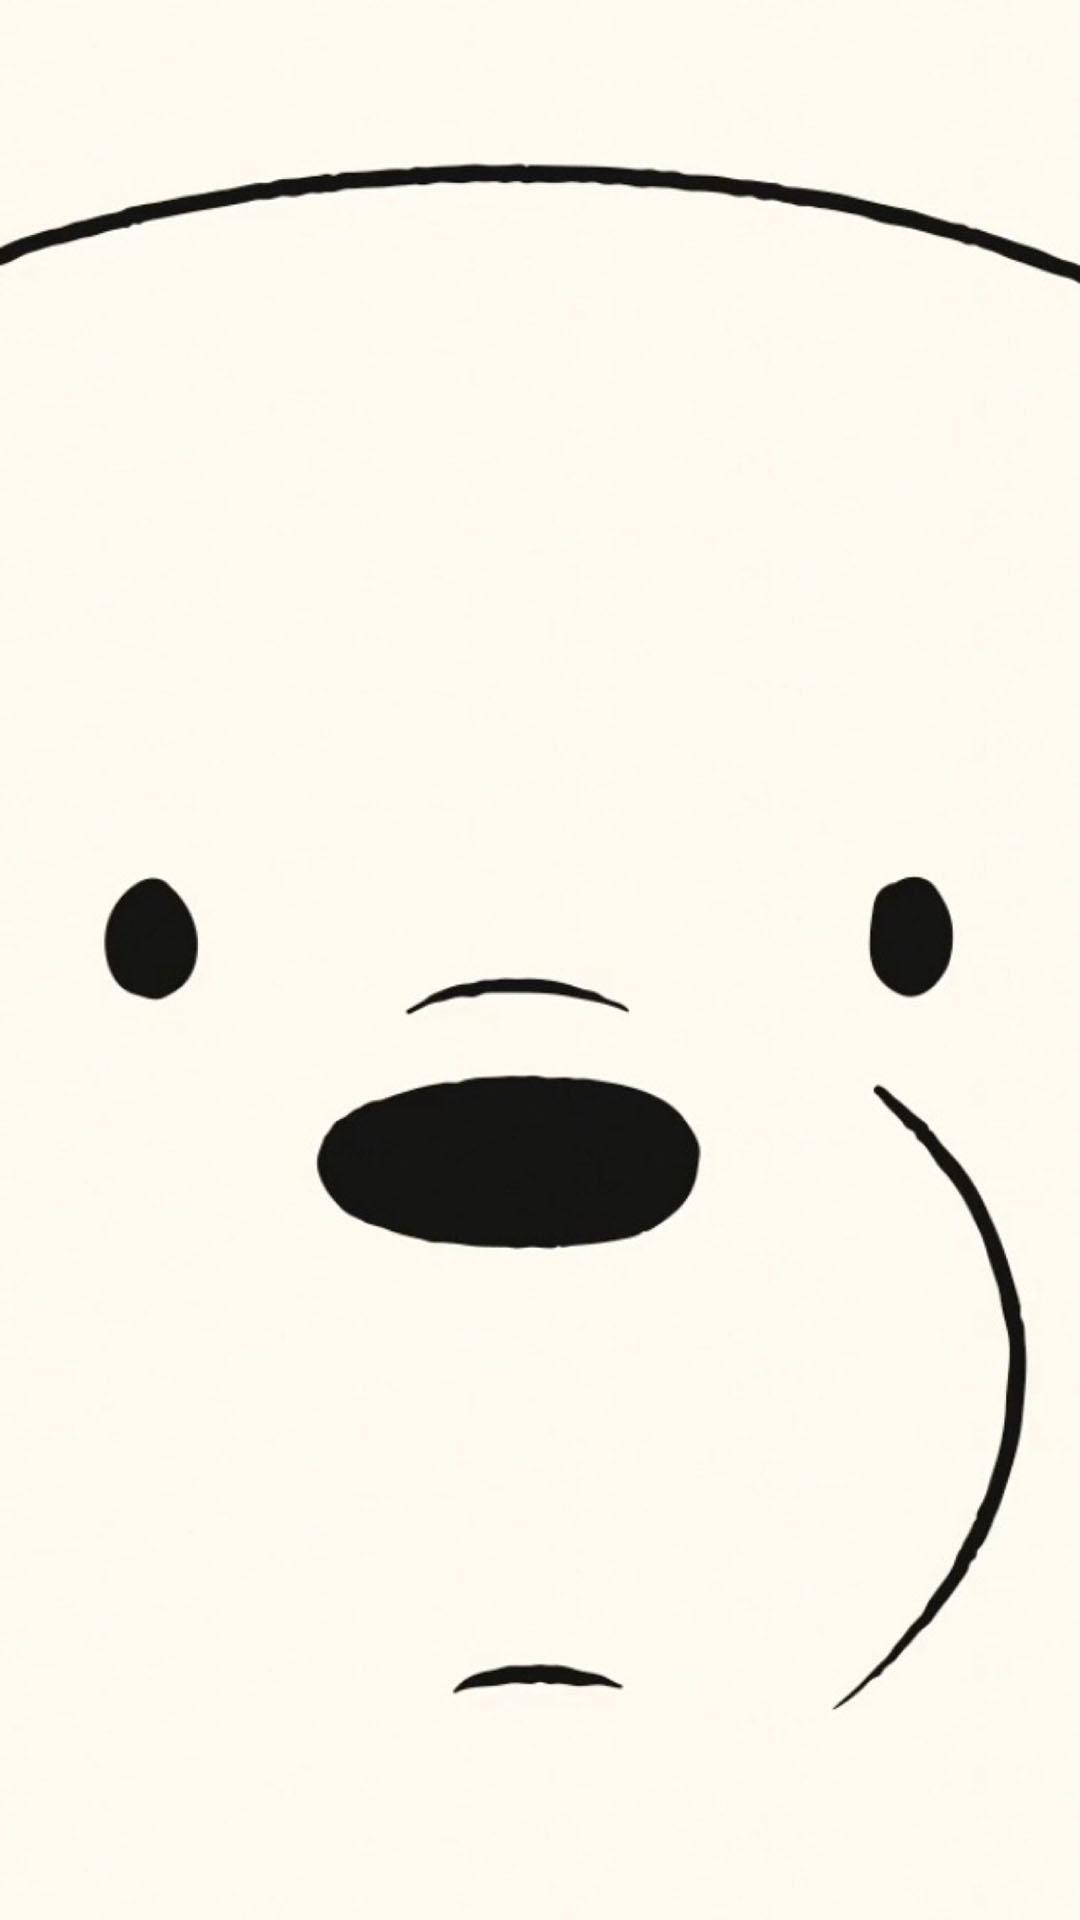 北极熊 可爱 苹果手机高清壁纸 1080x1920_爱思助手